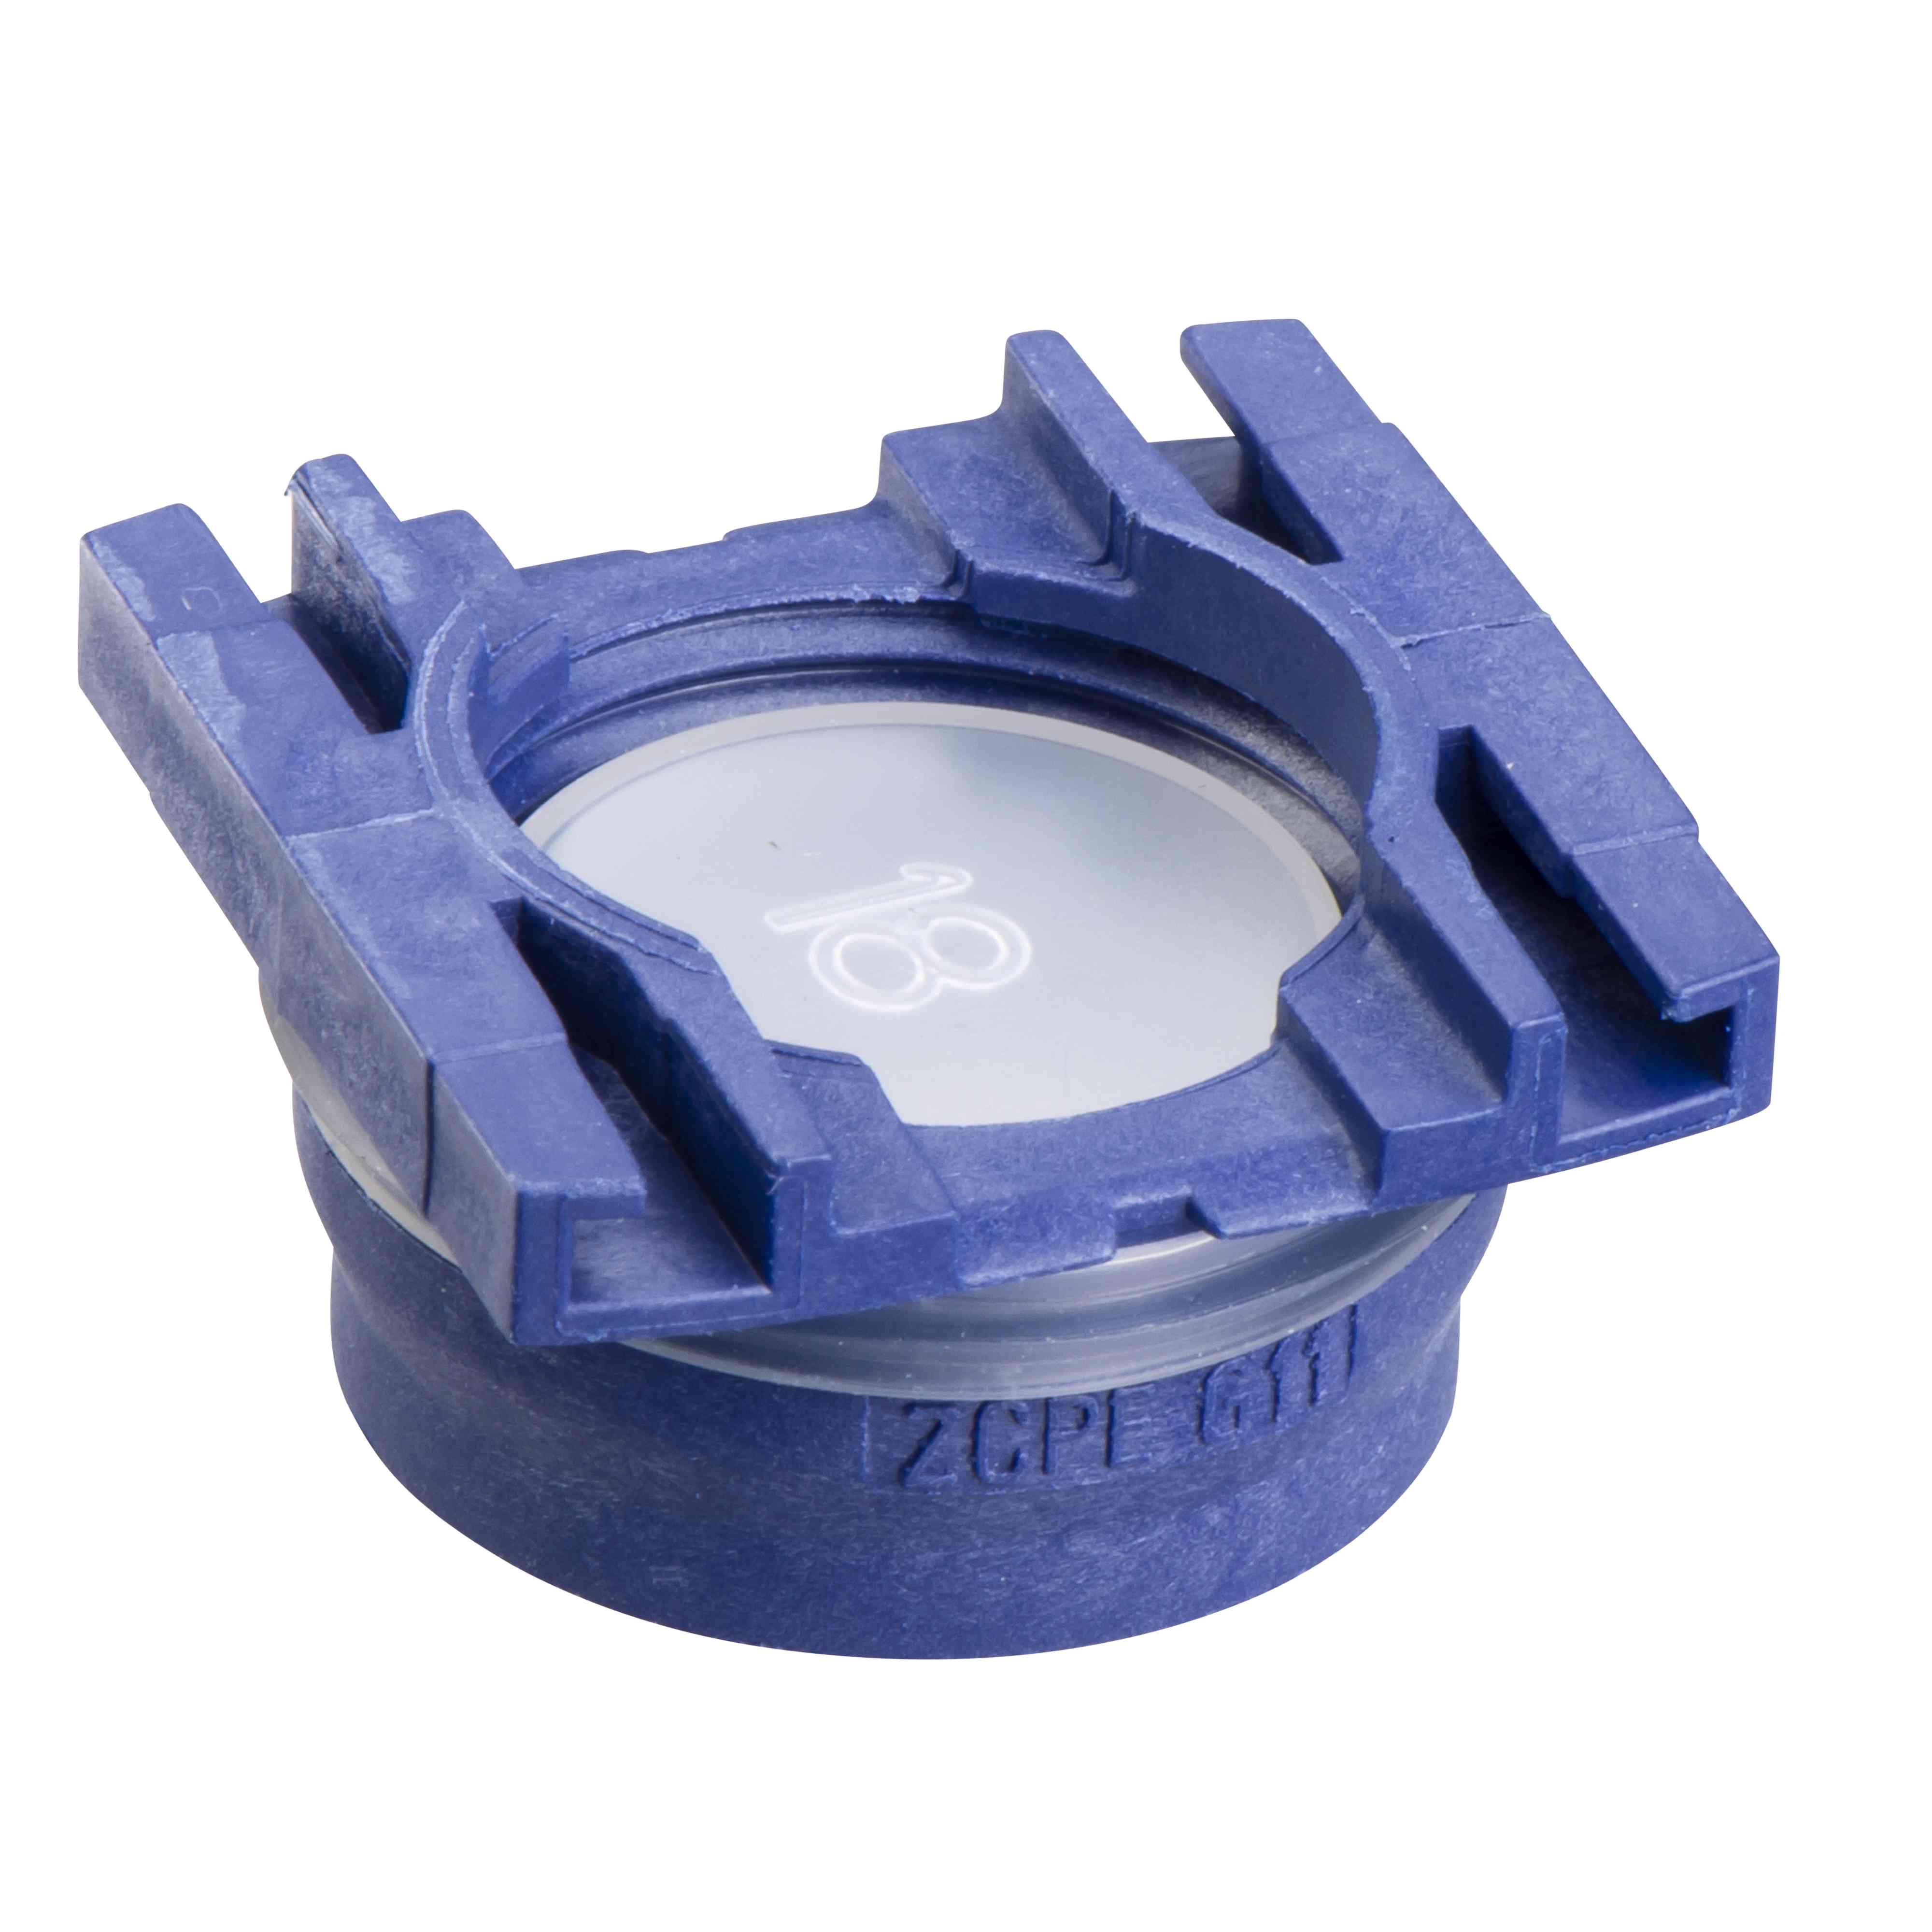 Vhod kabelske tesnilke - Pg 11 - za omejitveno stikalo - plastično ohišje